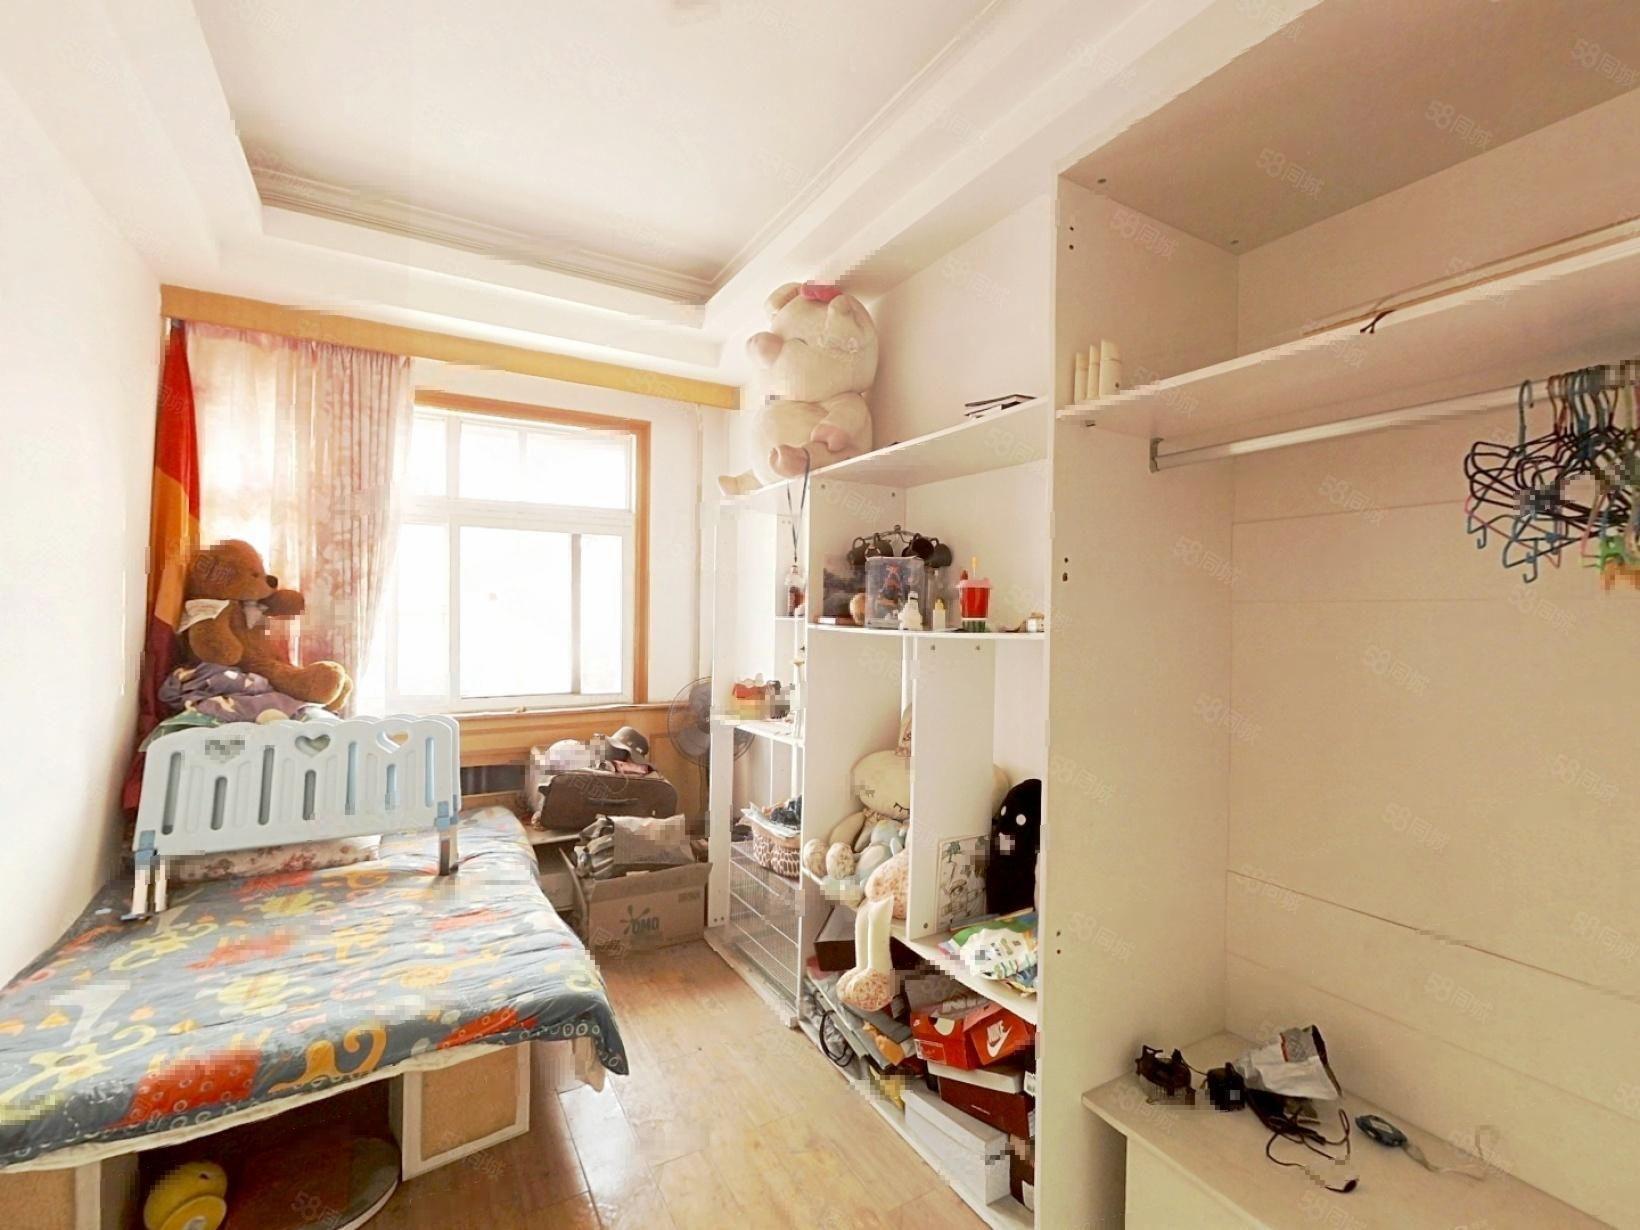 采油小区2室精装,落户居住专属选择,随时看房